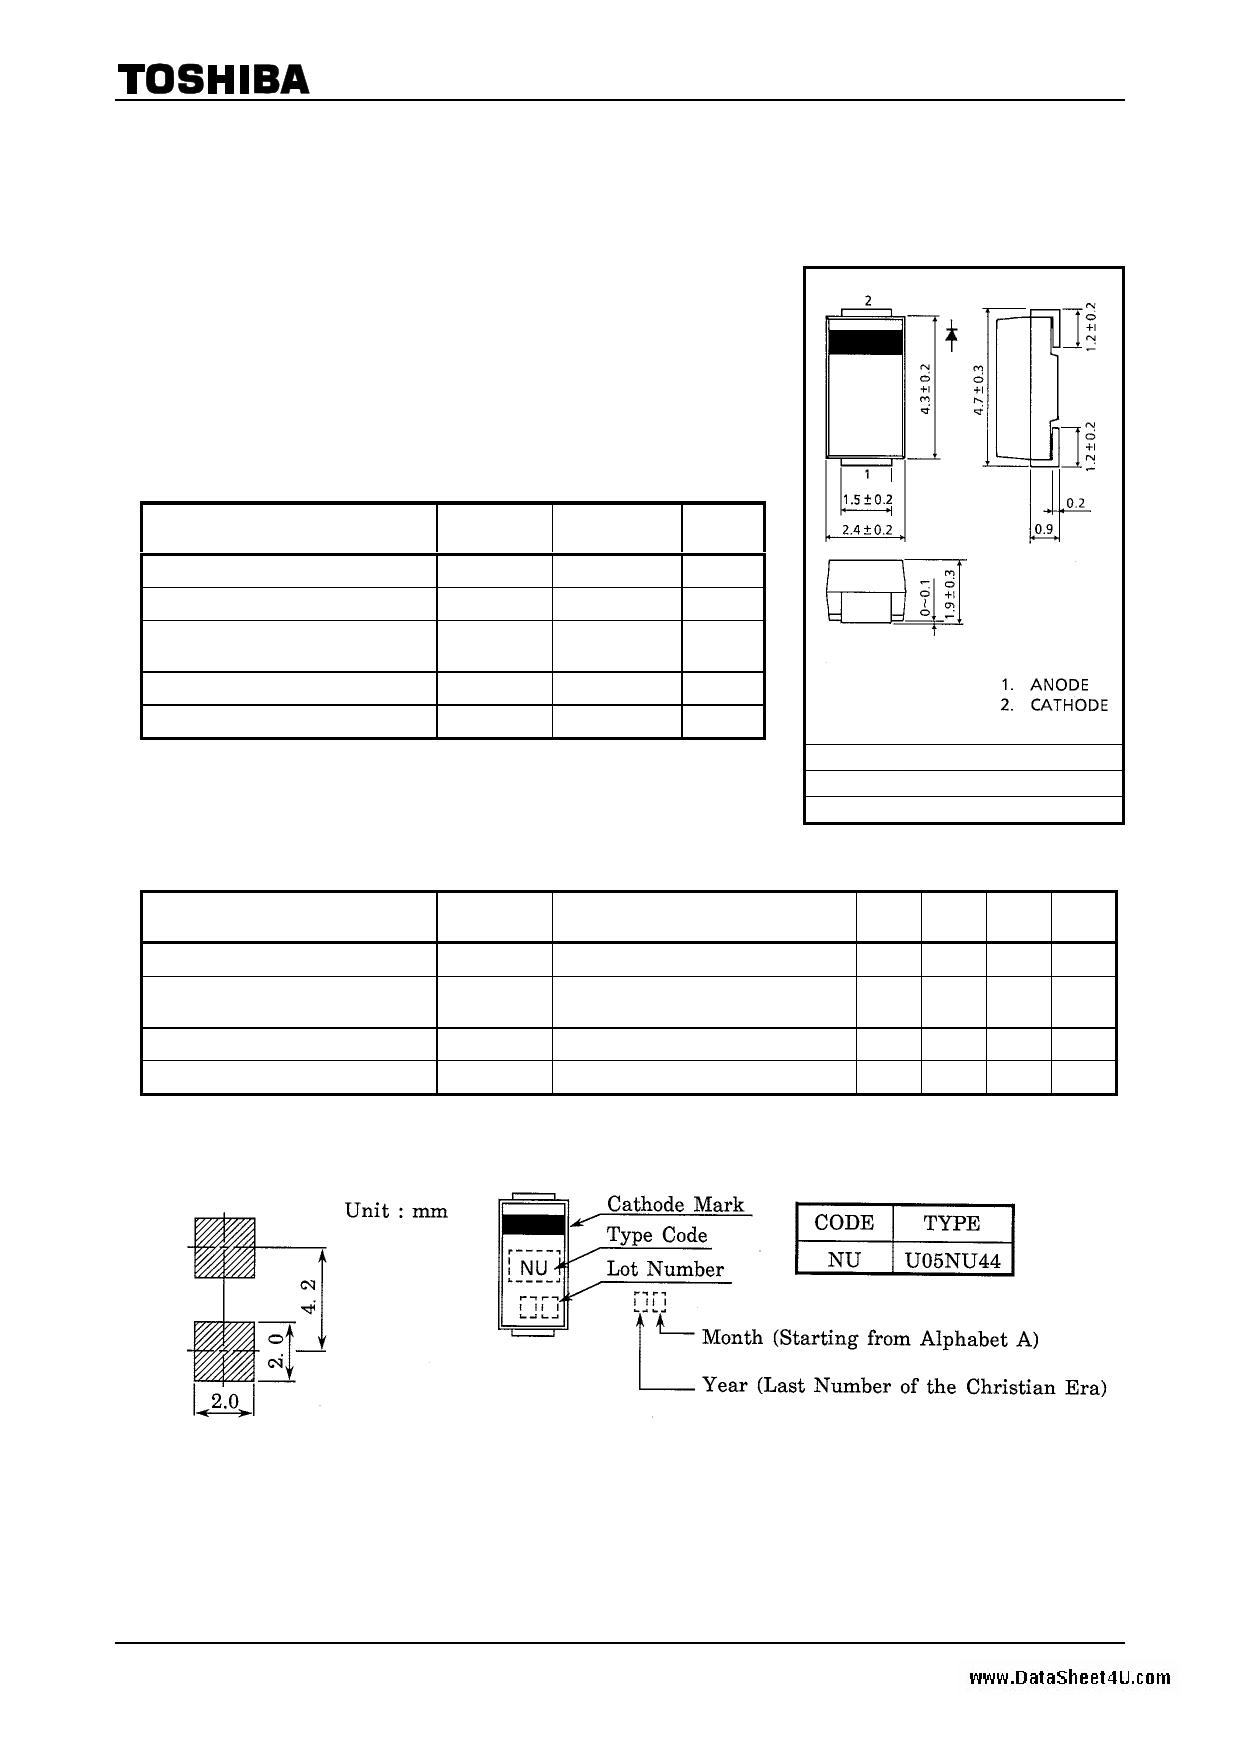 U05NU44 Hoja de datos, Descripción, Manual